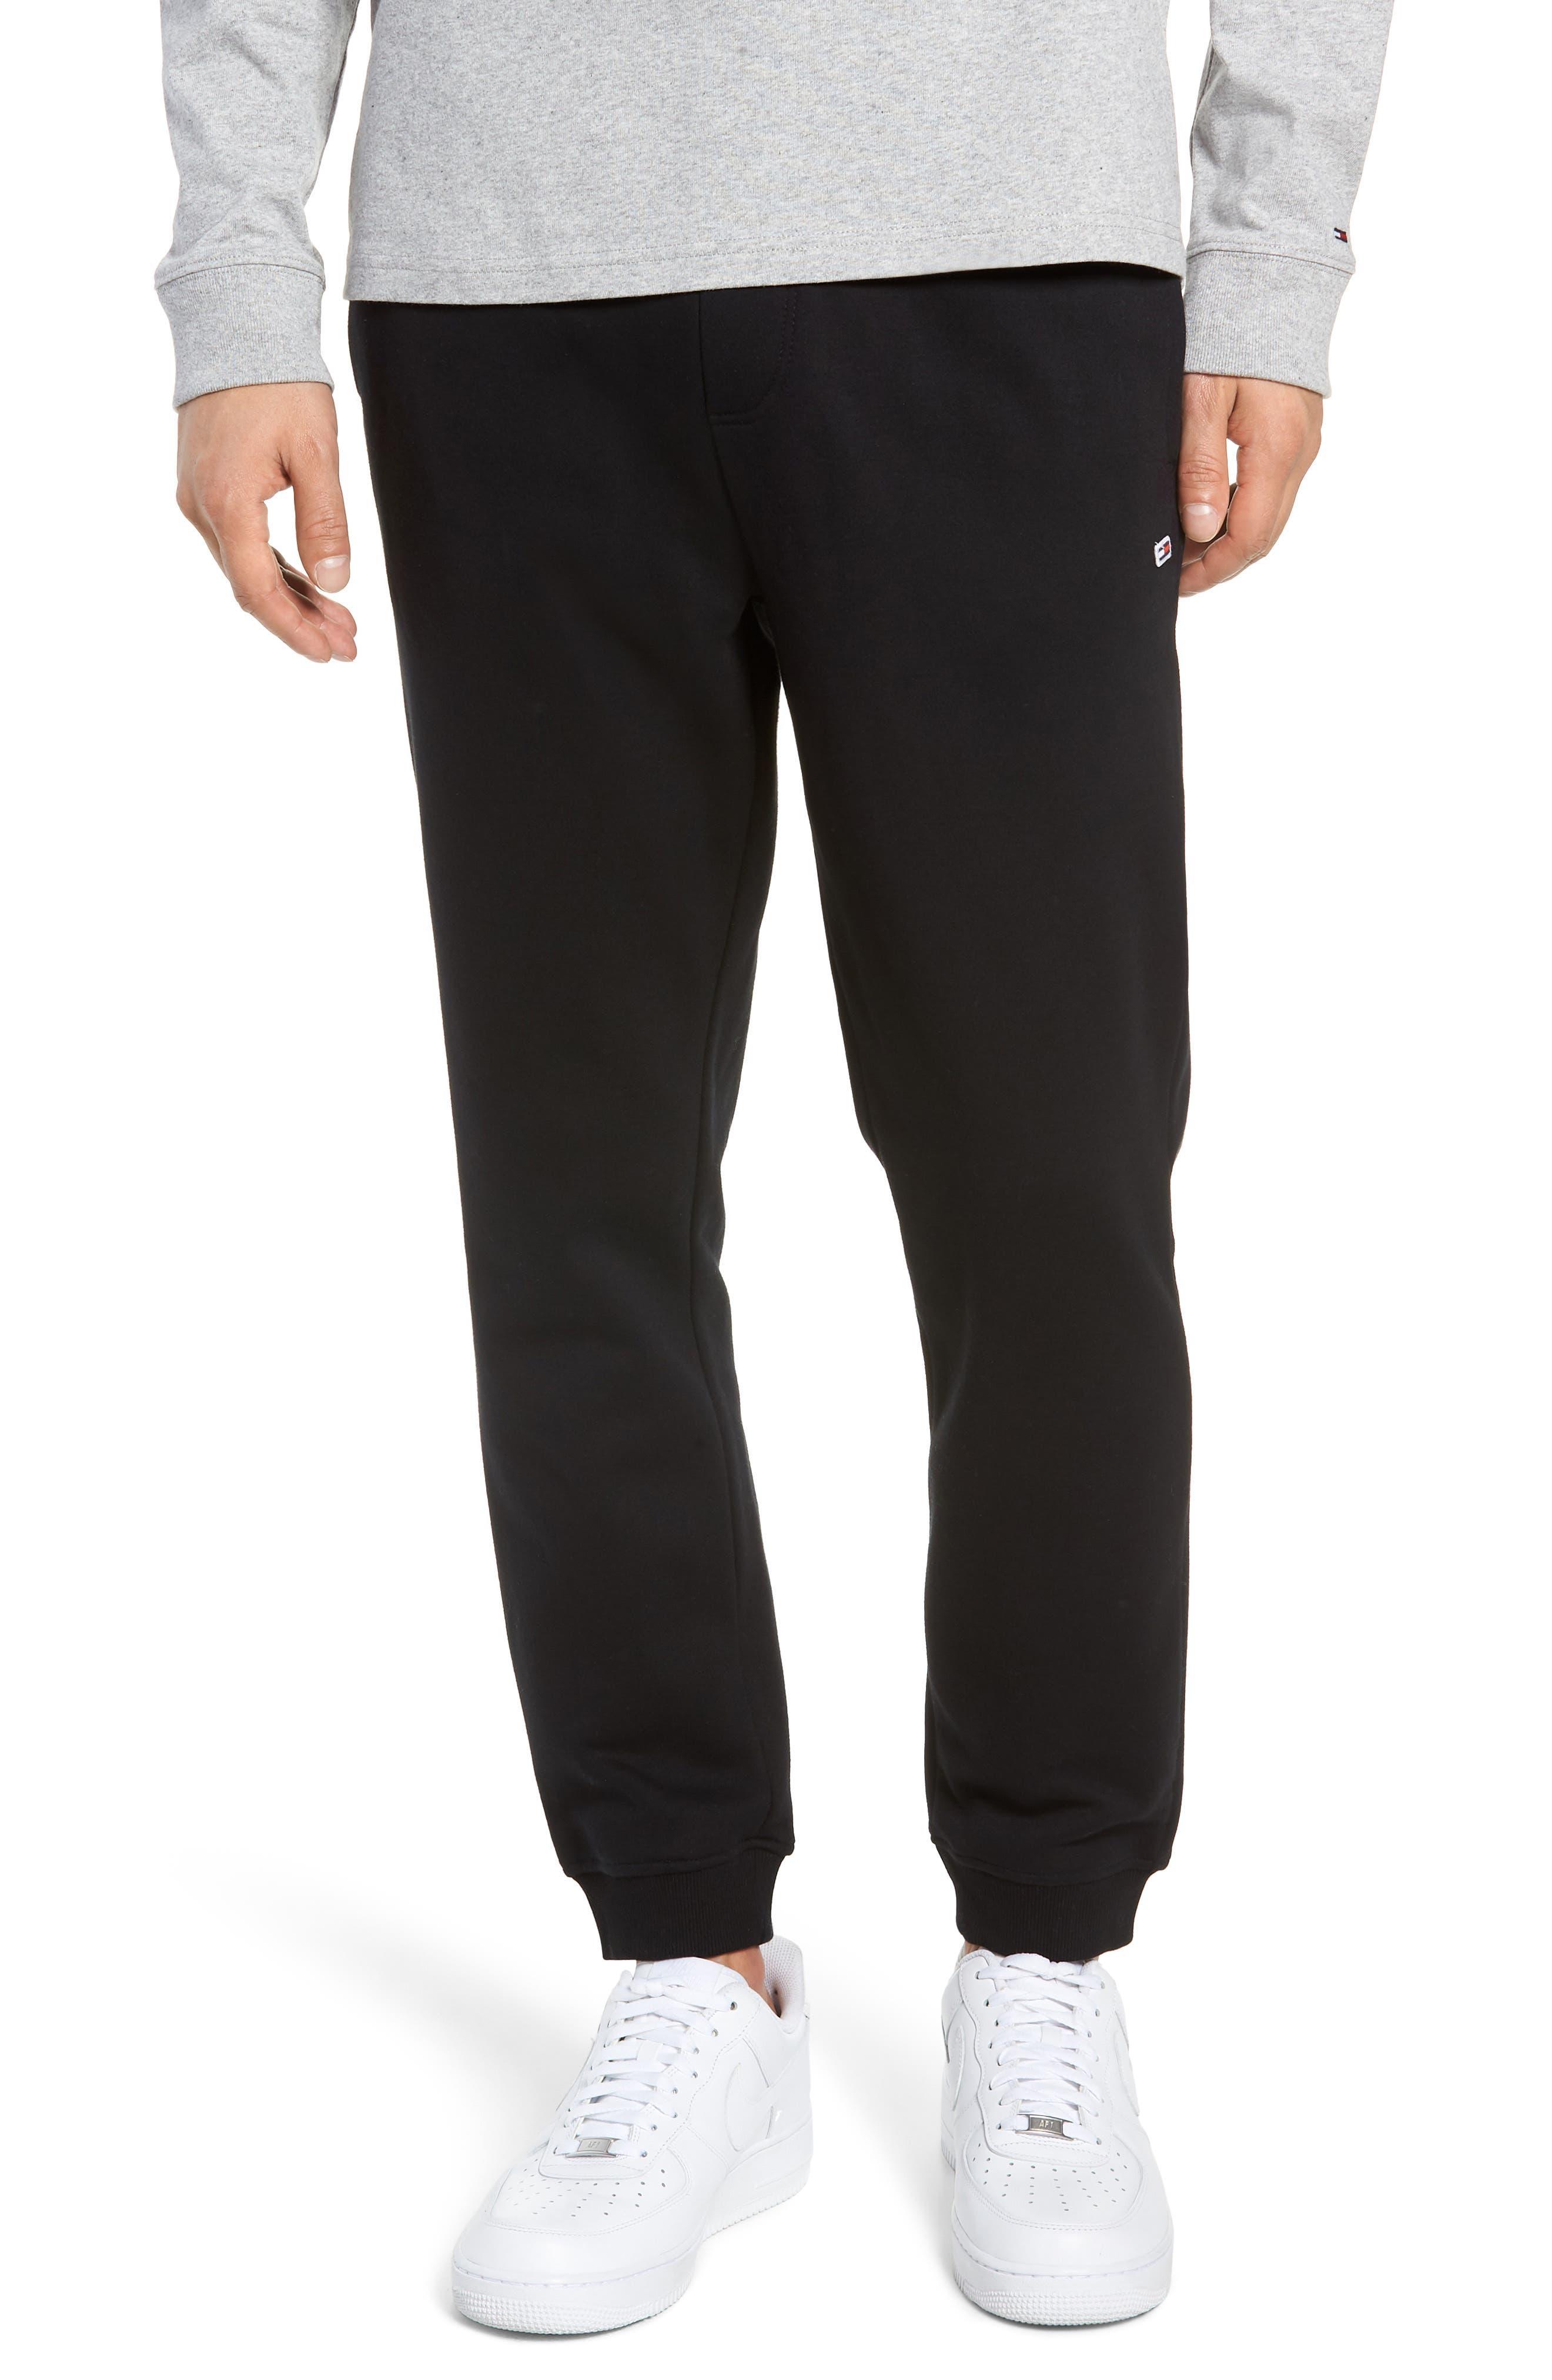 TJM Classics Sweatpants,                         Main,                         color, TOMMY BLACK